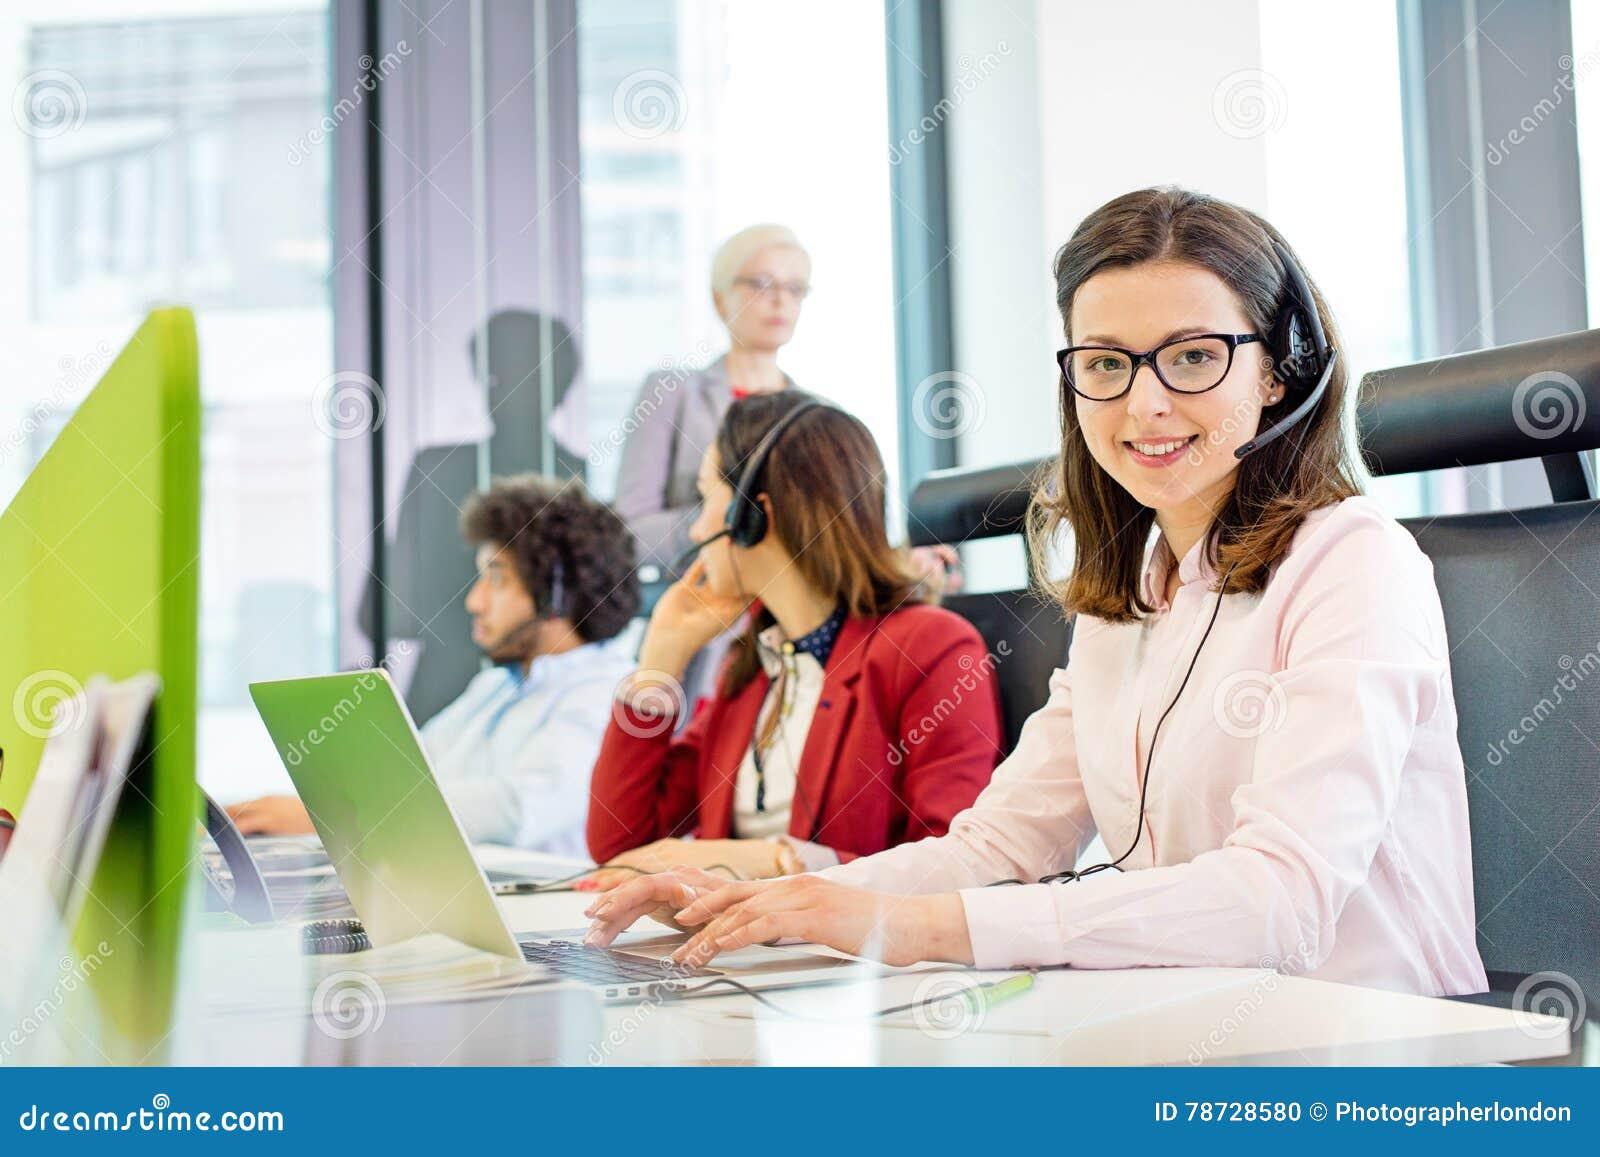 Stående av att le kundtjänstrepresentanten genom att använda bärbara datorn medan kollegor i bakgrund på kontoret